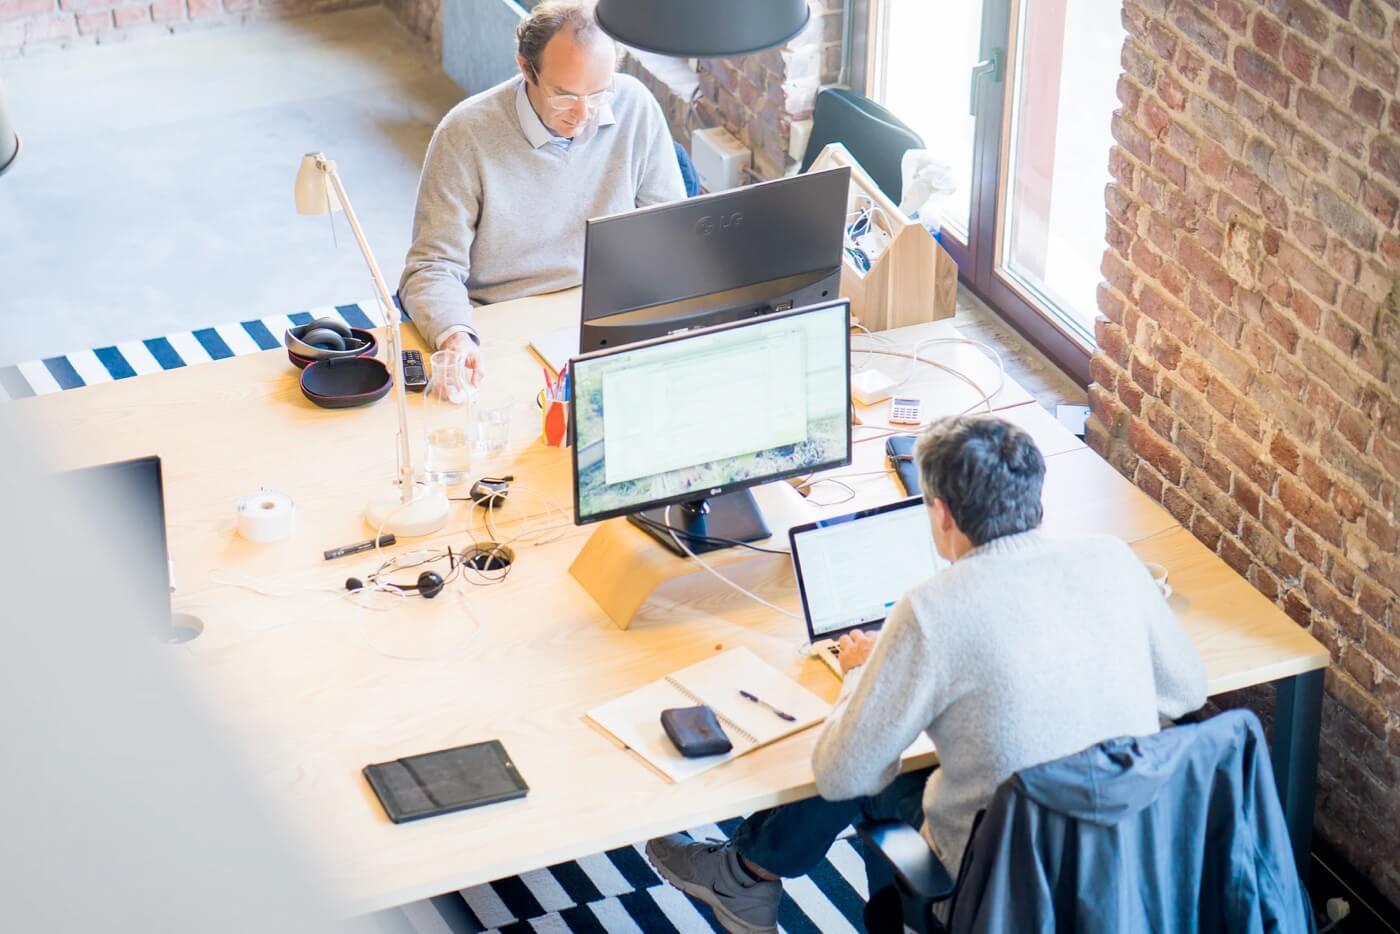 Aufnahme eines Büroarbeitsplatzes von oben. Mann am Arbeiten an einem PC.